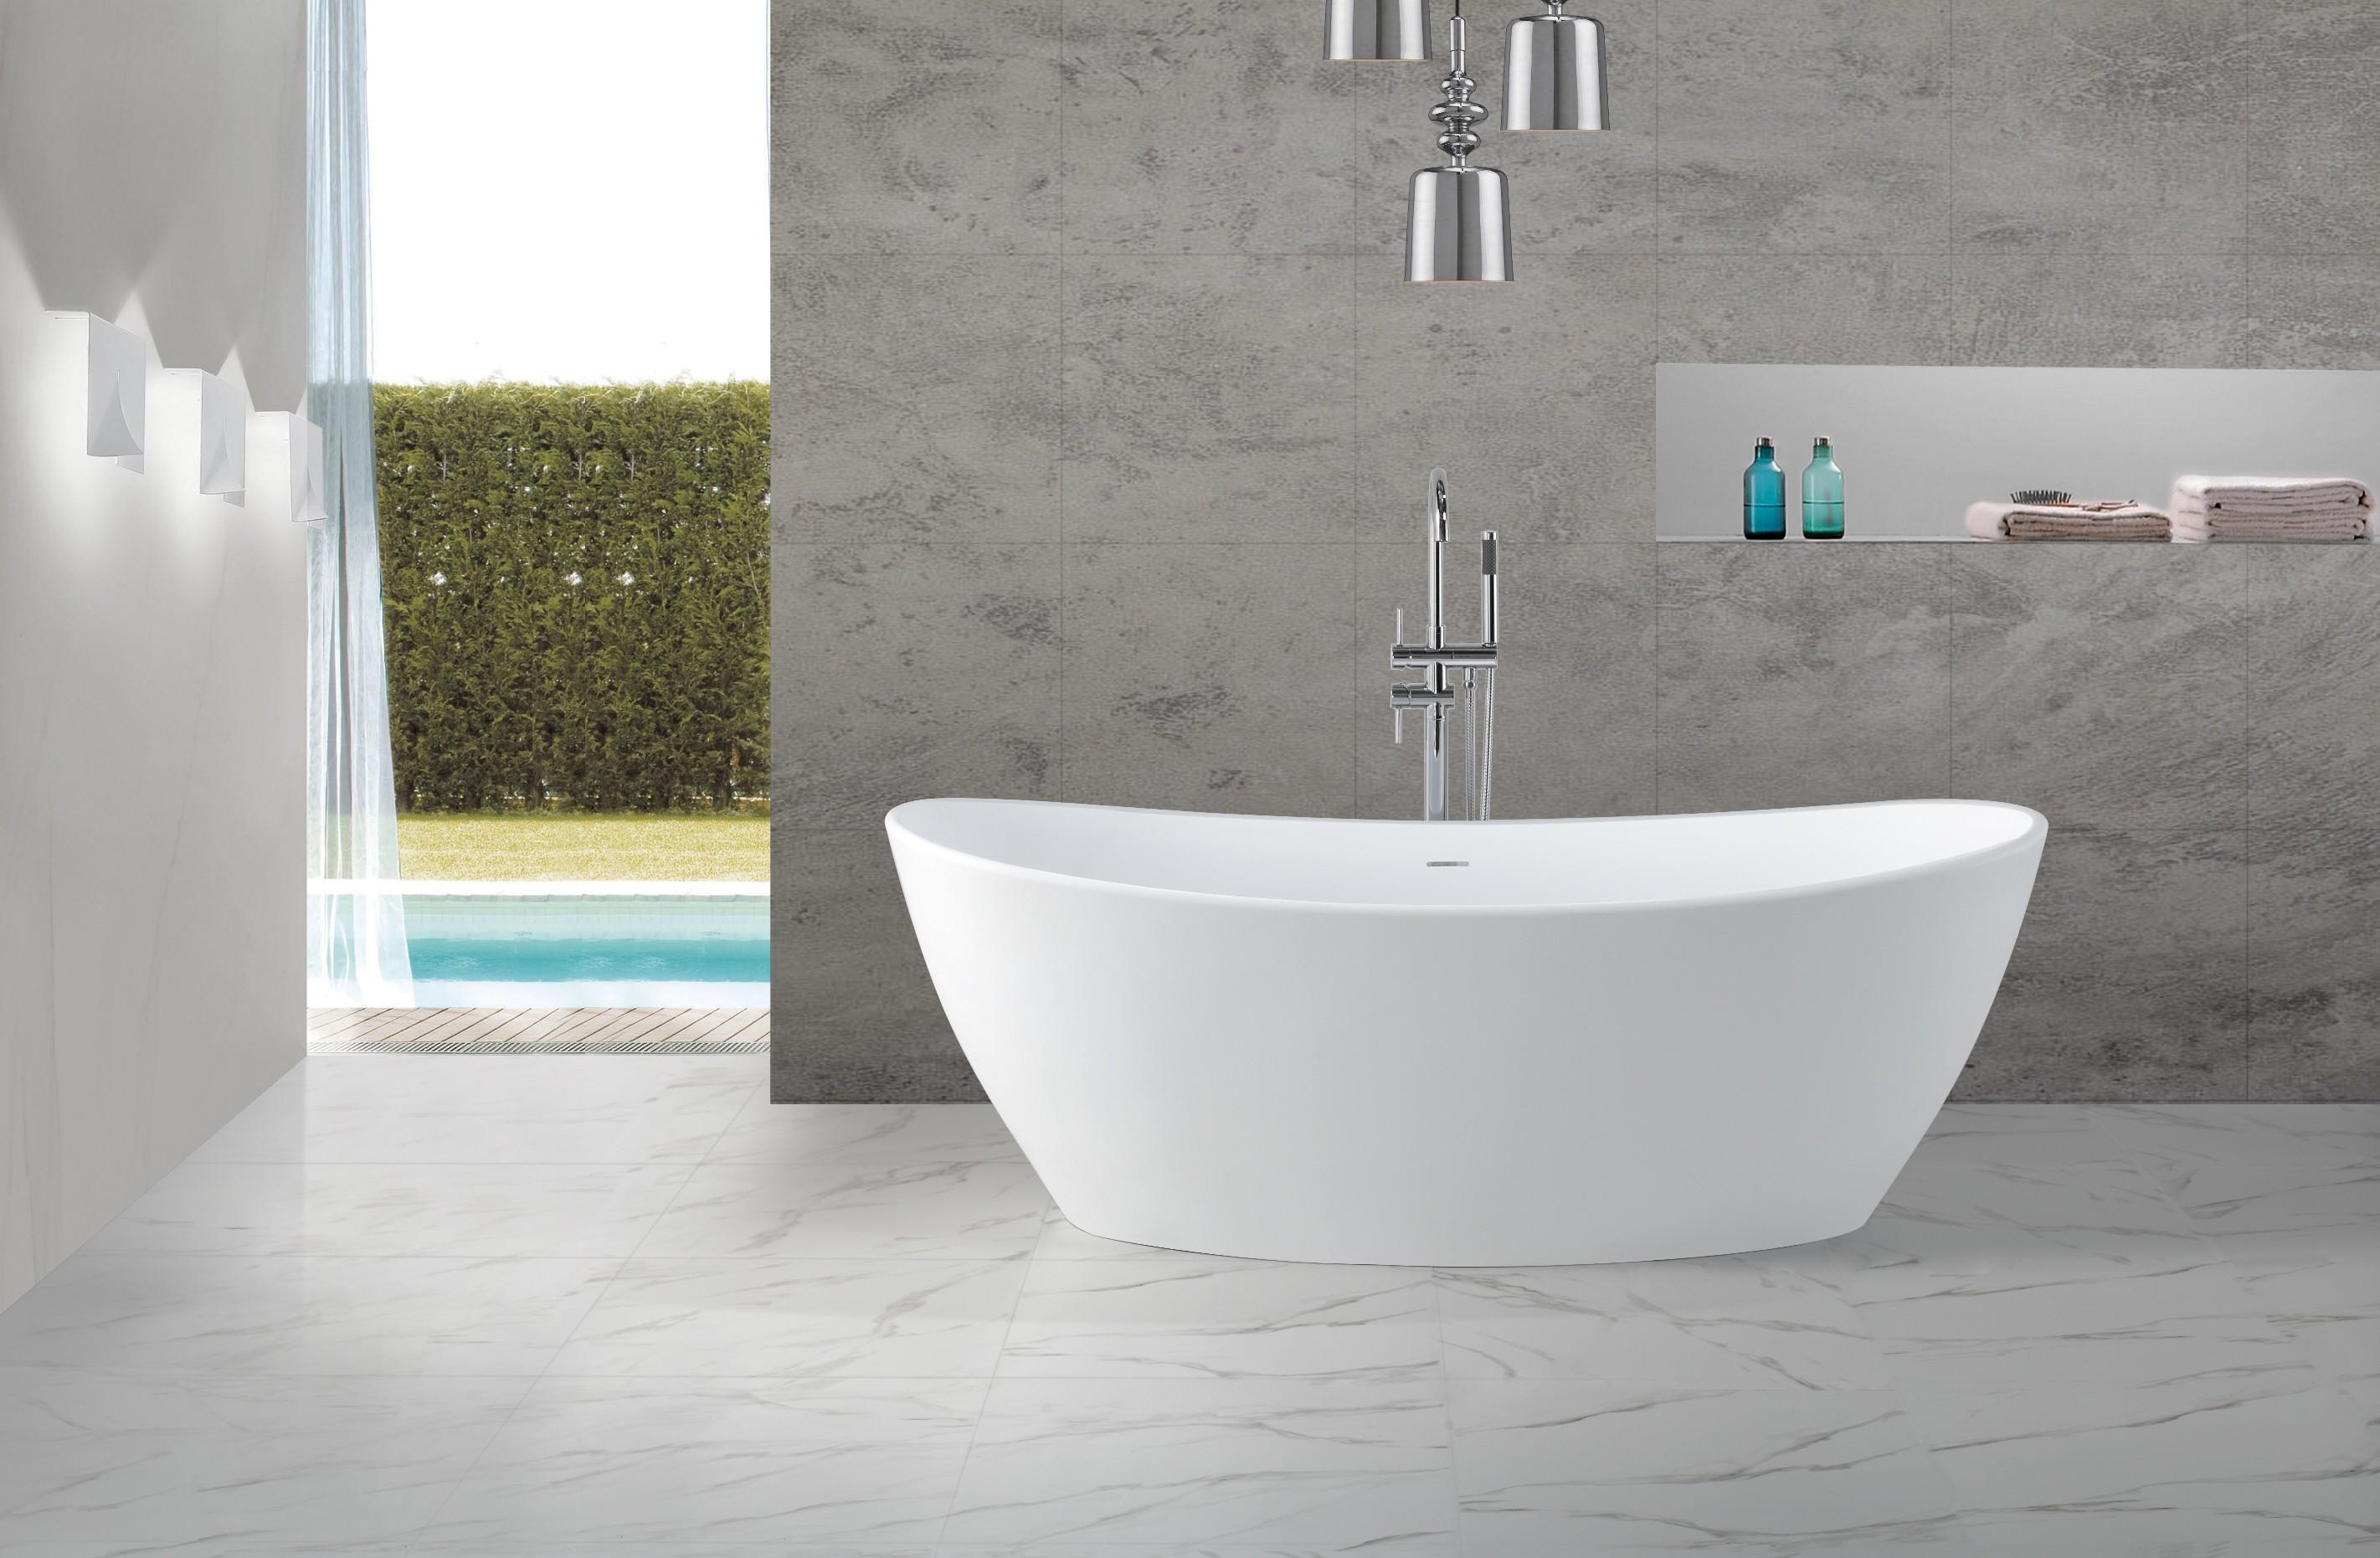 Freistehende Wannen freistehende badewanne mineralguss kkr b034 b badewelt wannen kunststein